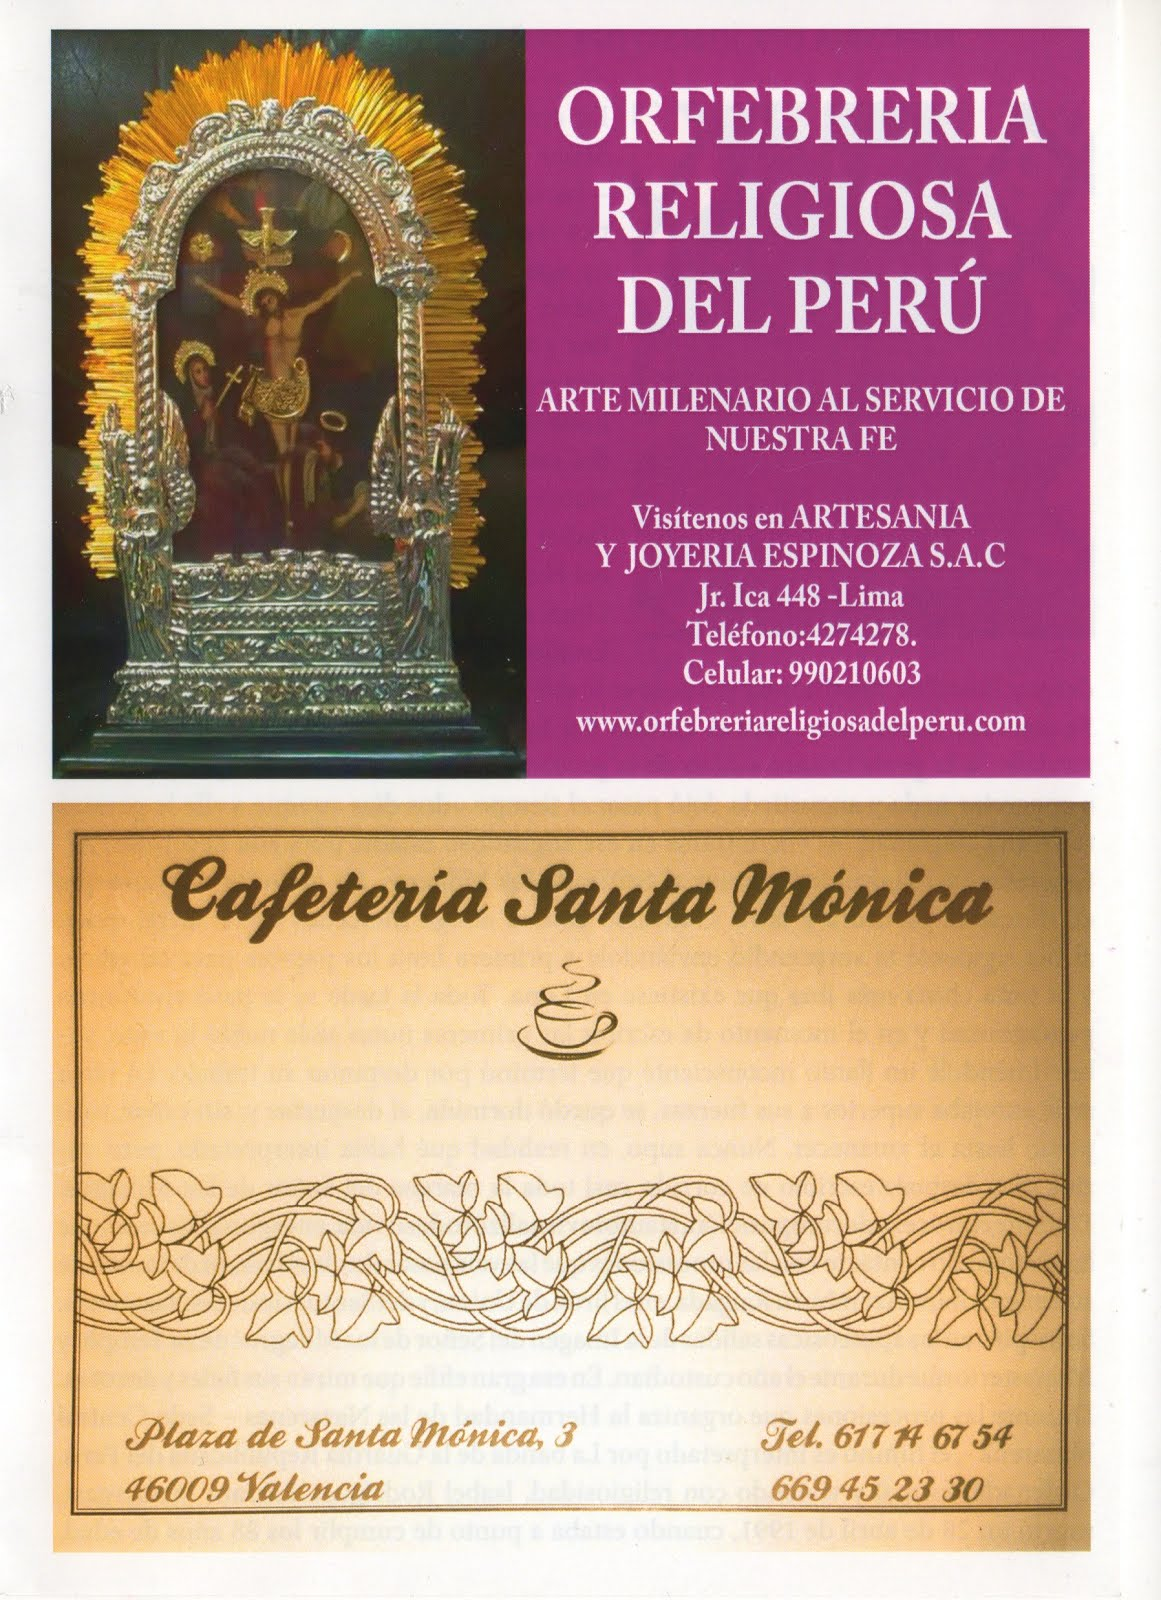 Orfebrería Religiosa del Perú